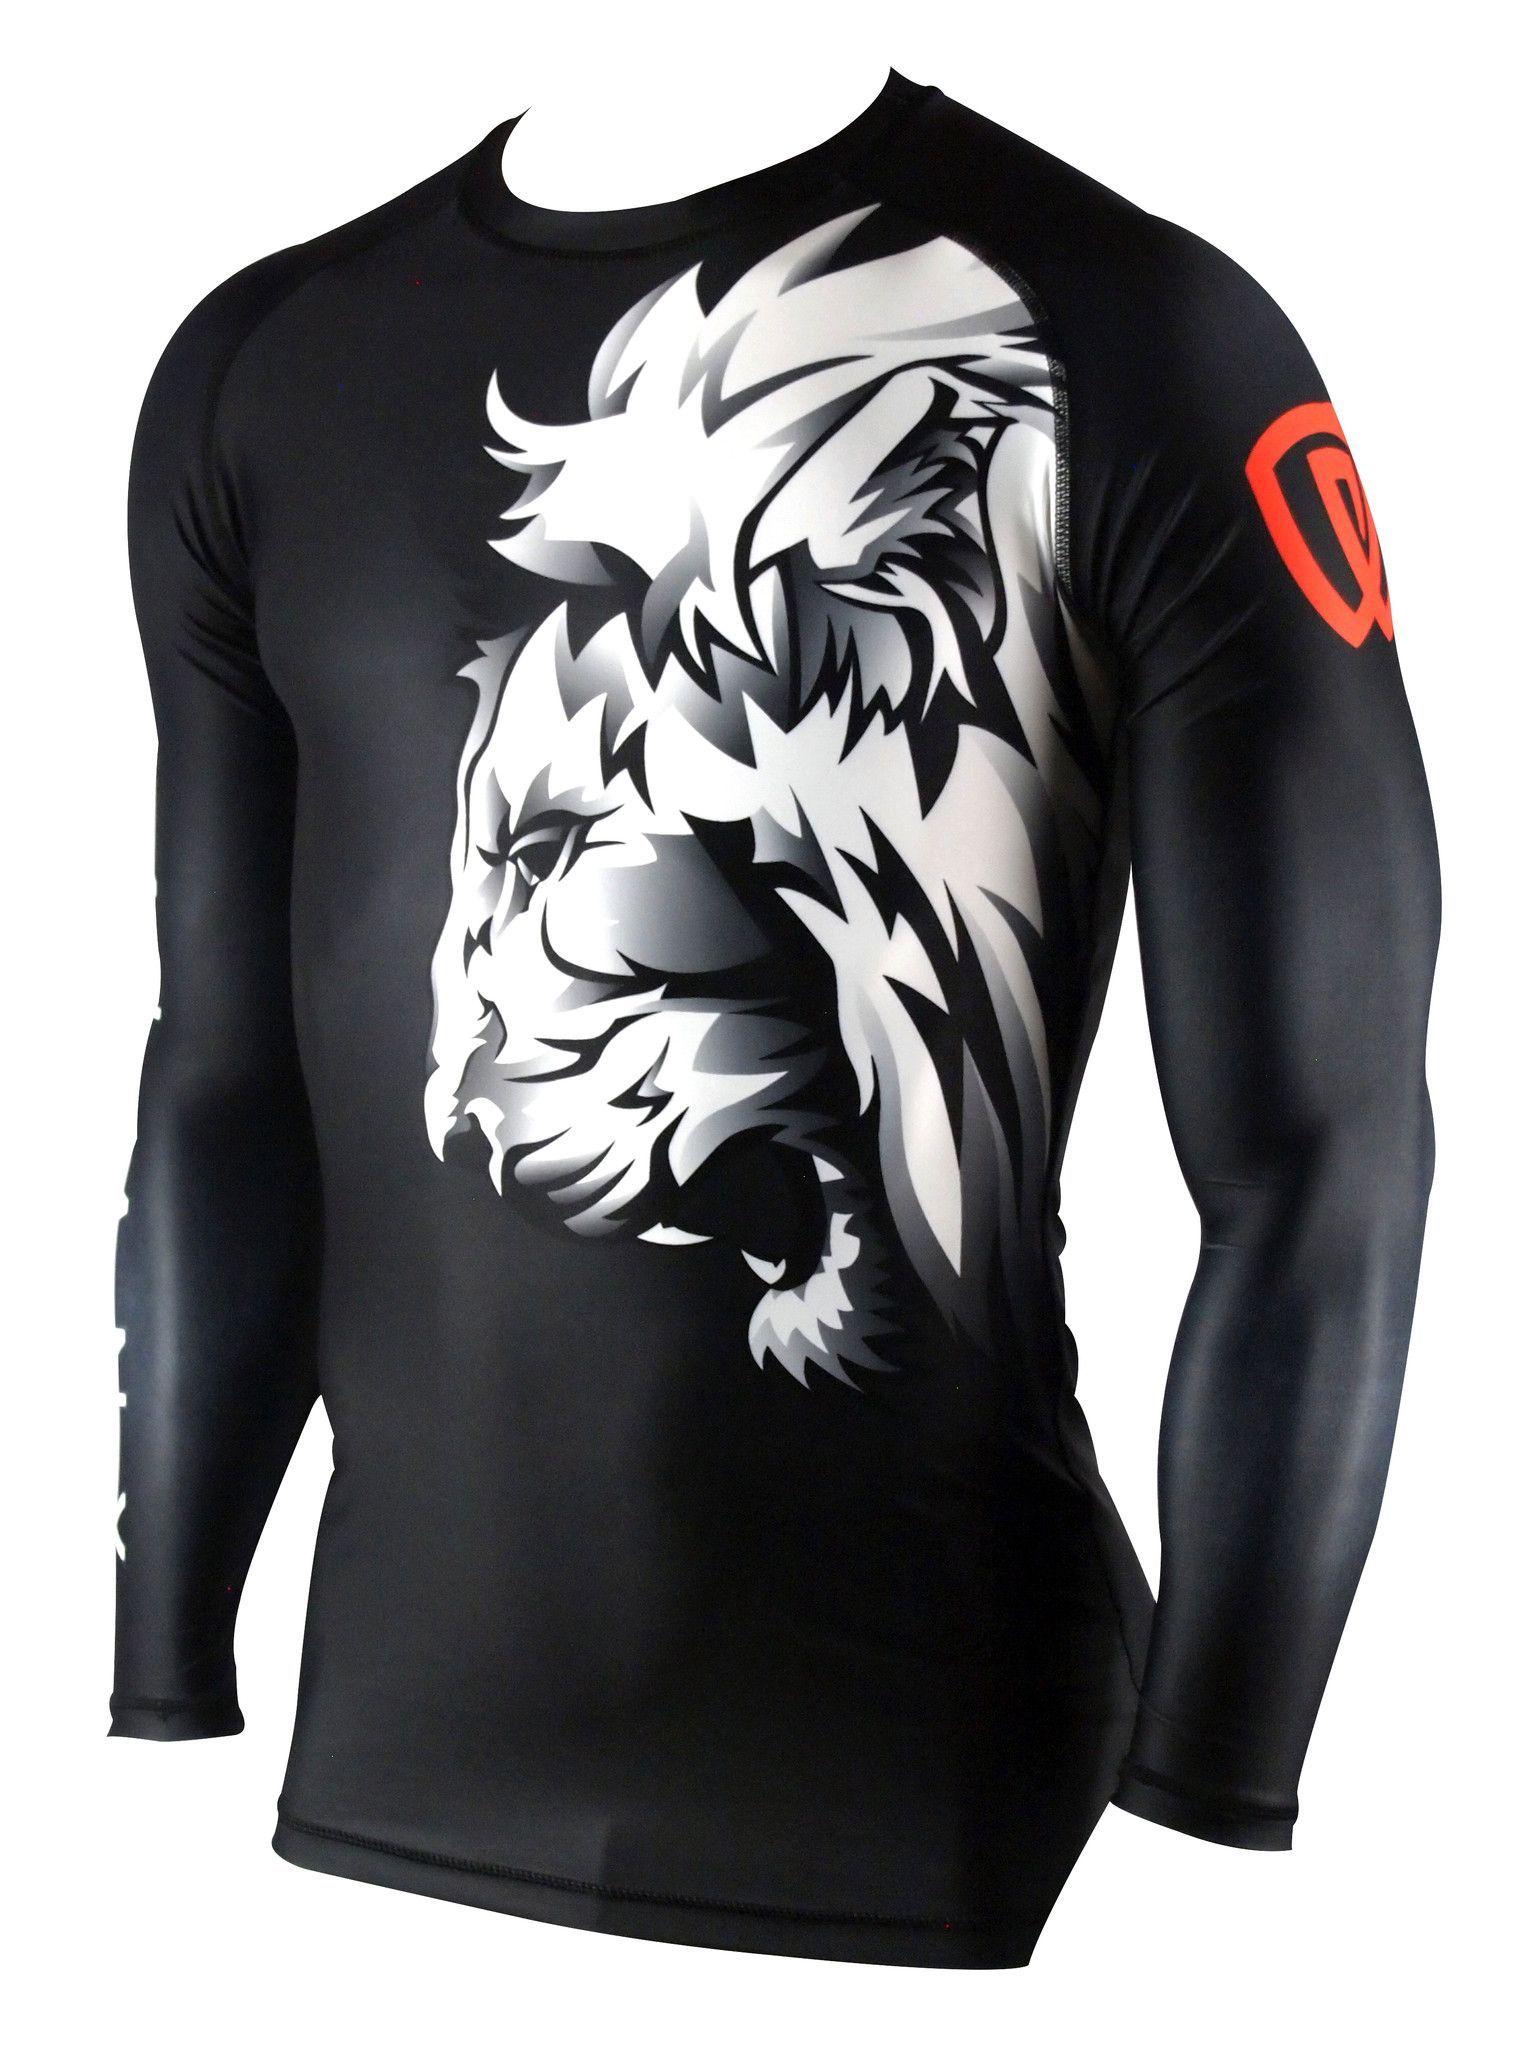 de045ffff Lionheart Ranked Rash Guard | Black Belt Team Wear, Sport Wear, Bjj Gear,